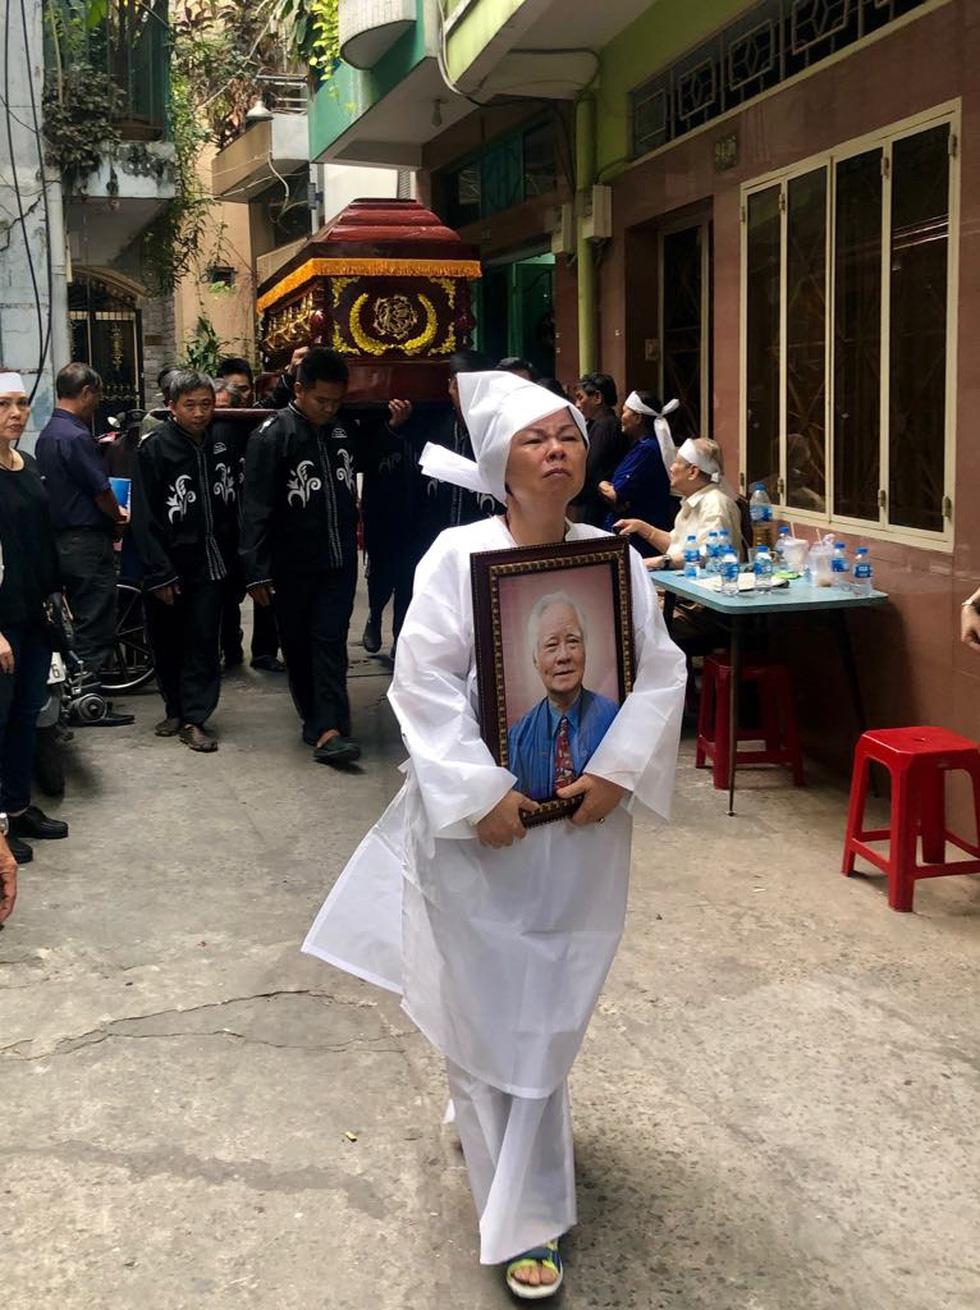 Con gái nhạc sĩ Nguyễn Văn Tý: Ba tôi đã ra đi nhẹ nhàng, thanh thản - Ảnh 4.